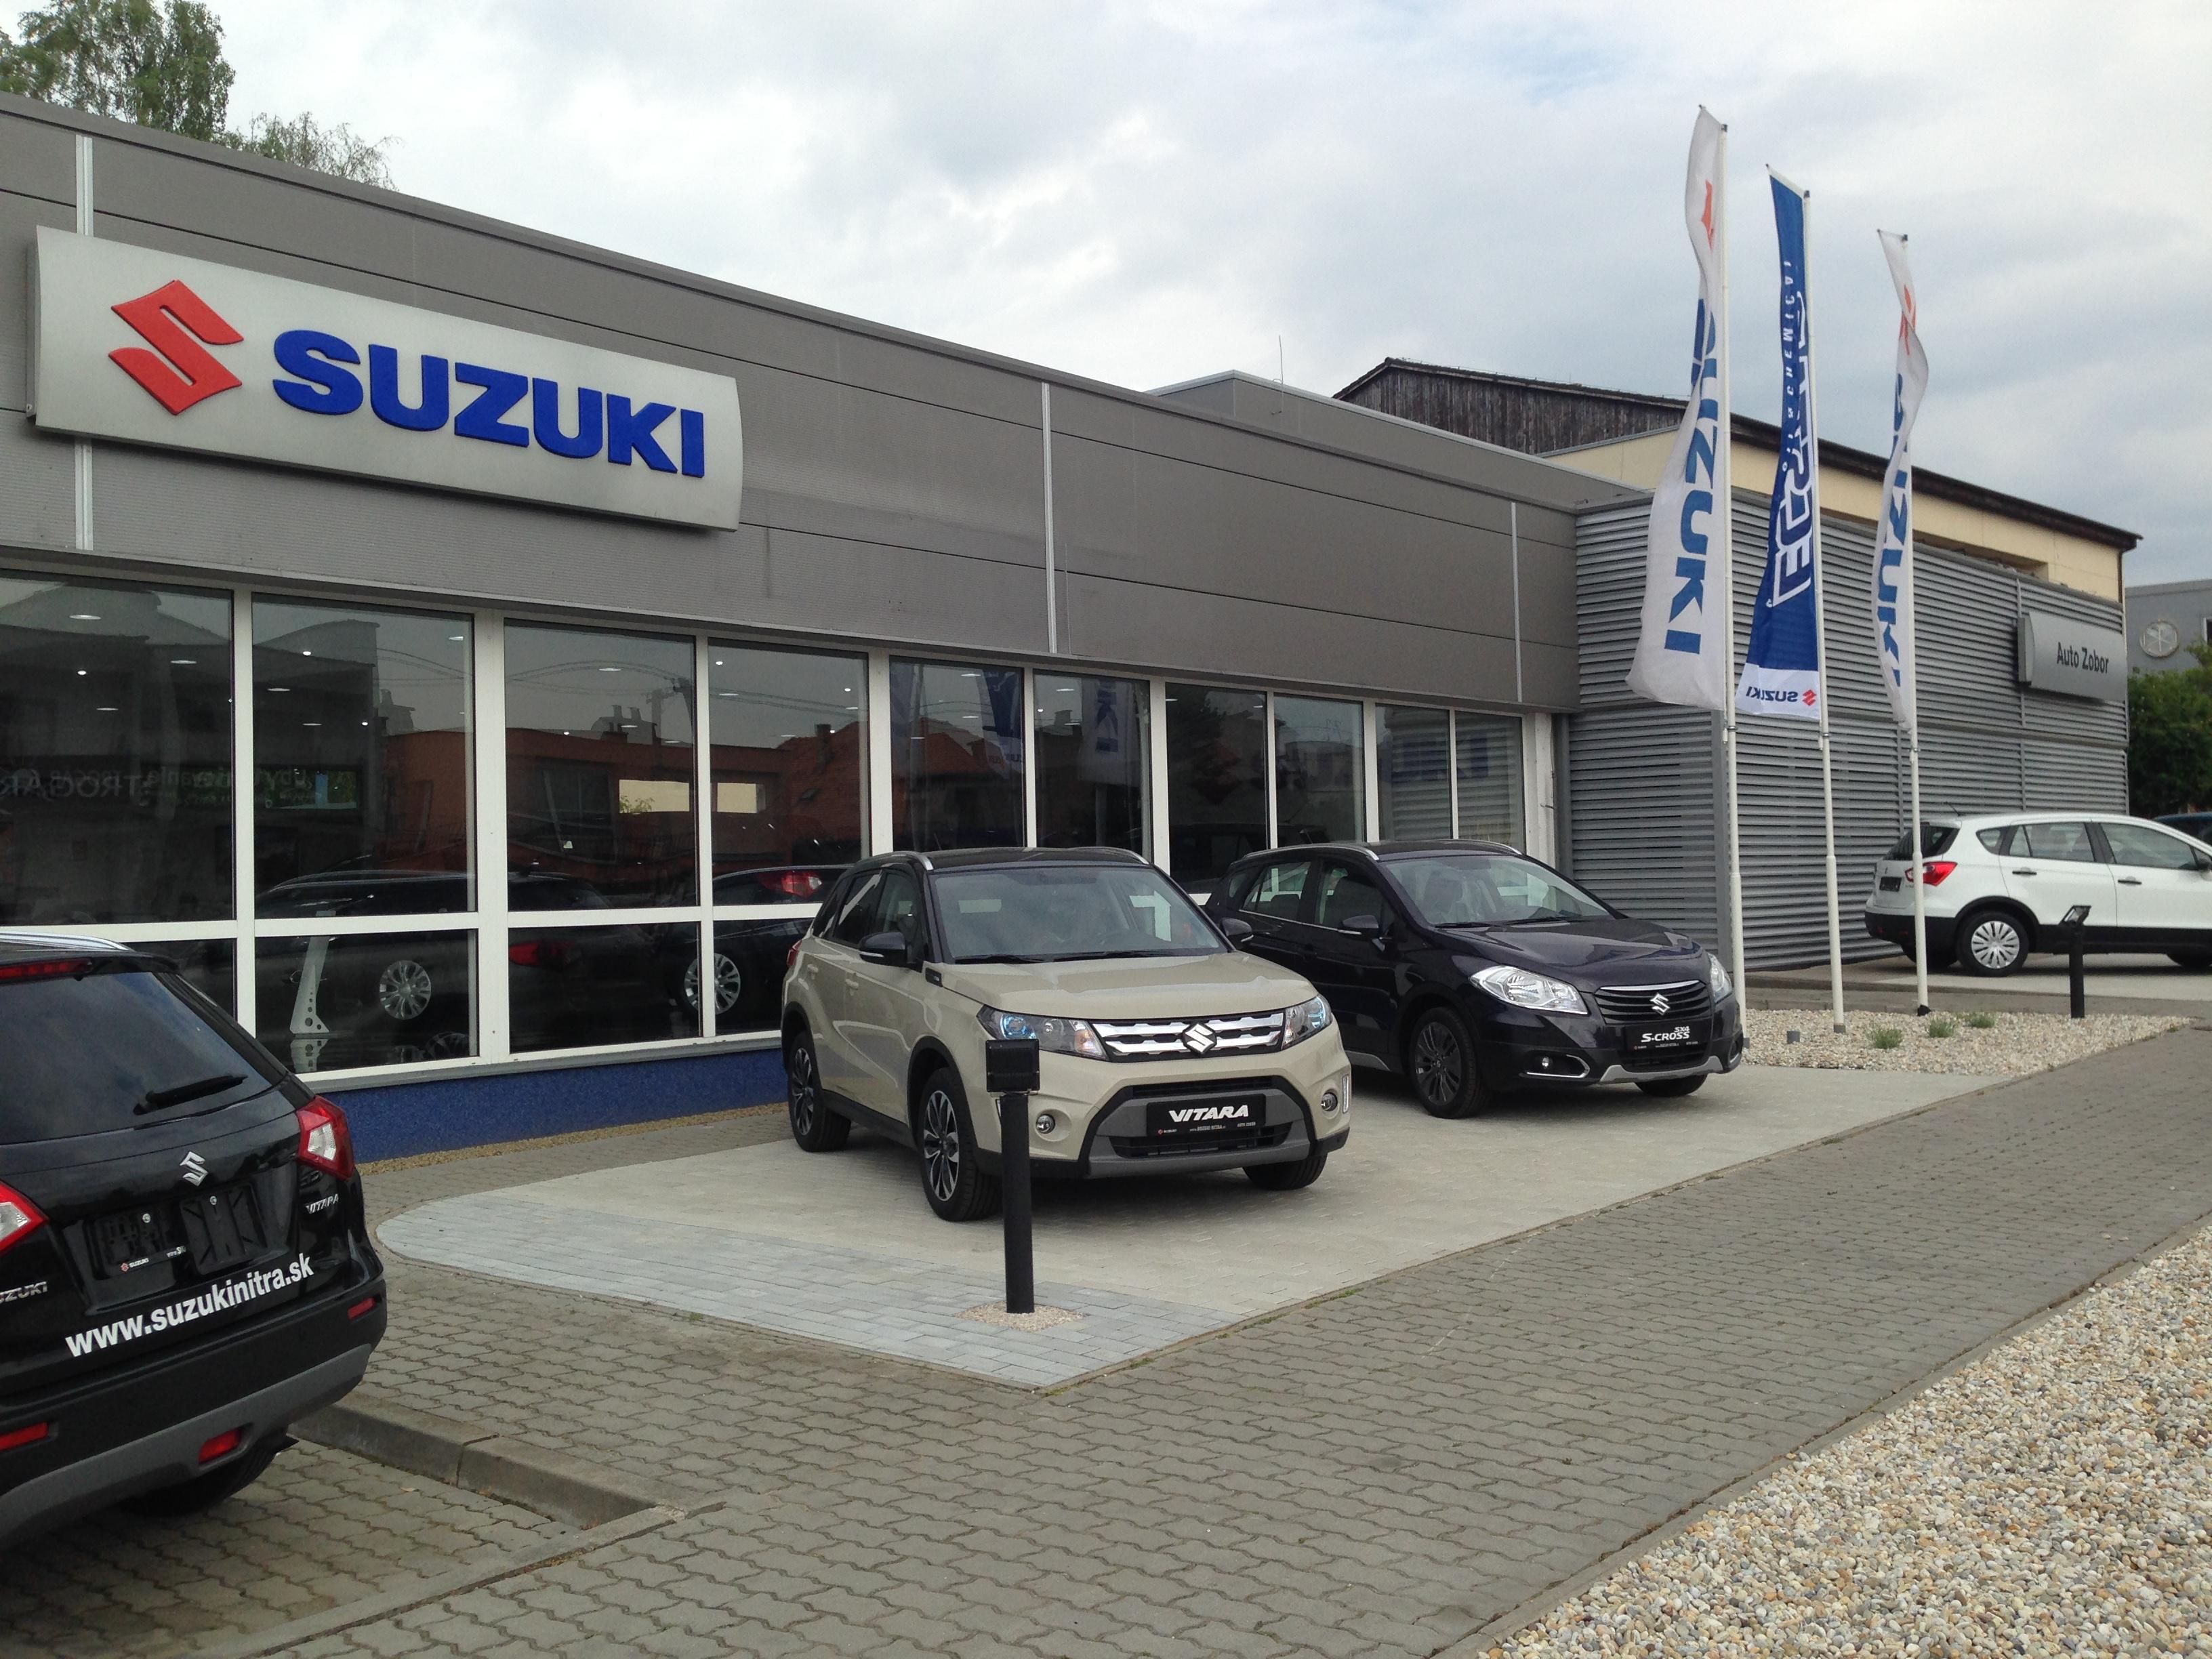 SUZUKI Nitra - autorizovaný predaj a ser - Katalóg firiem  9603ba18e6